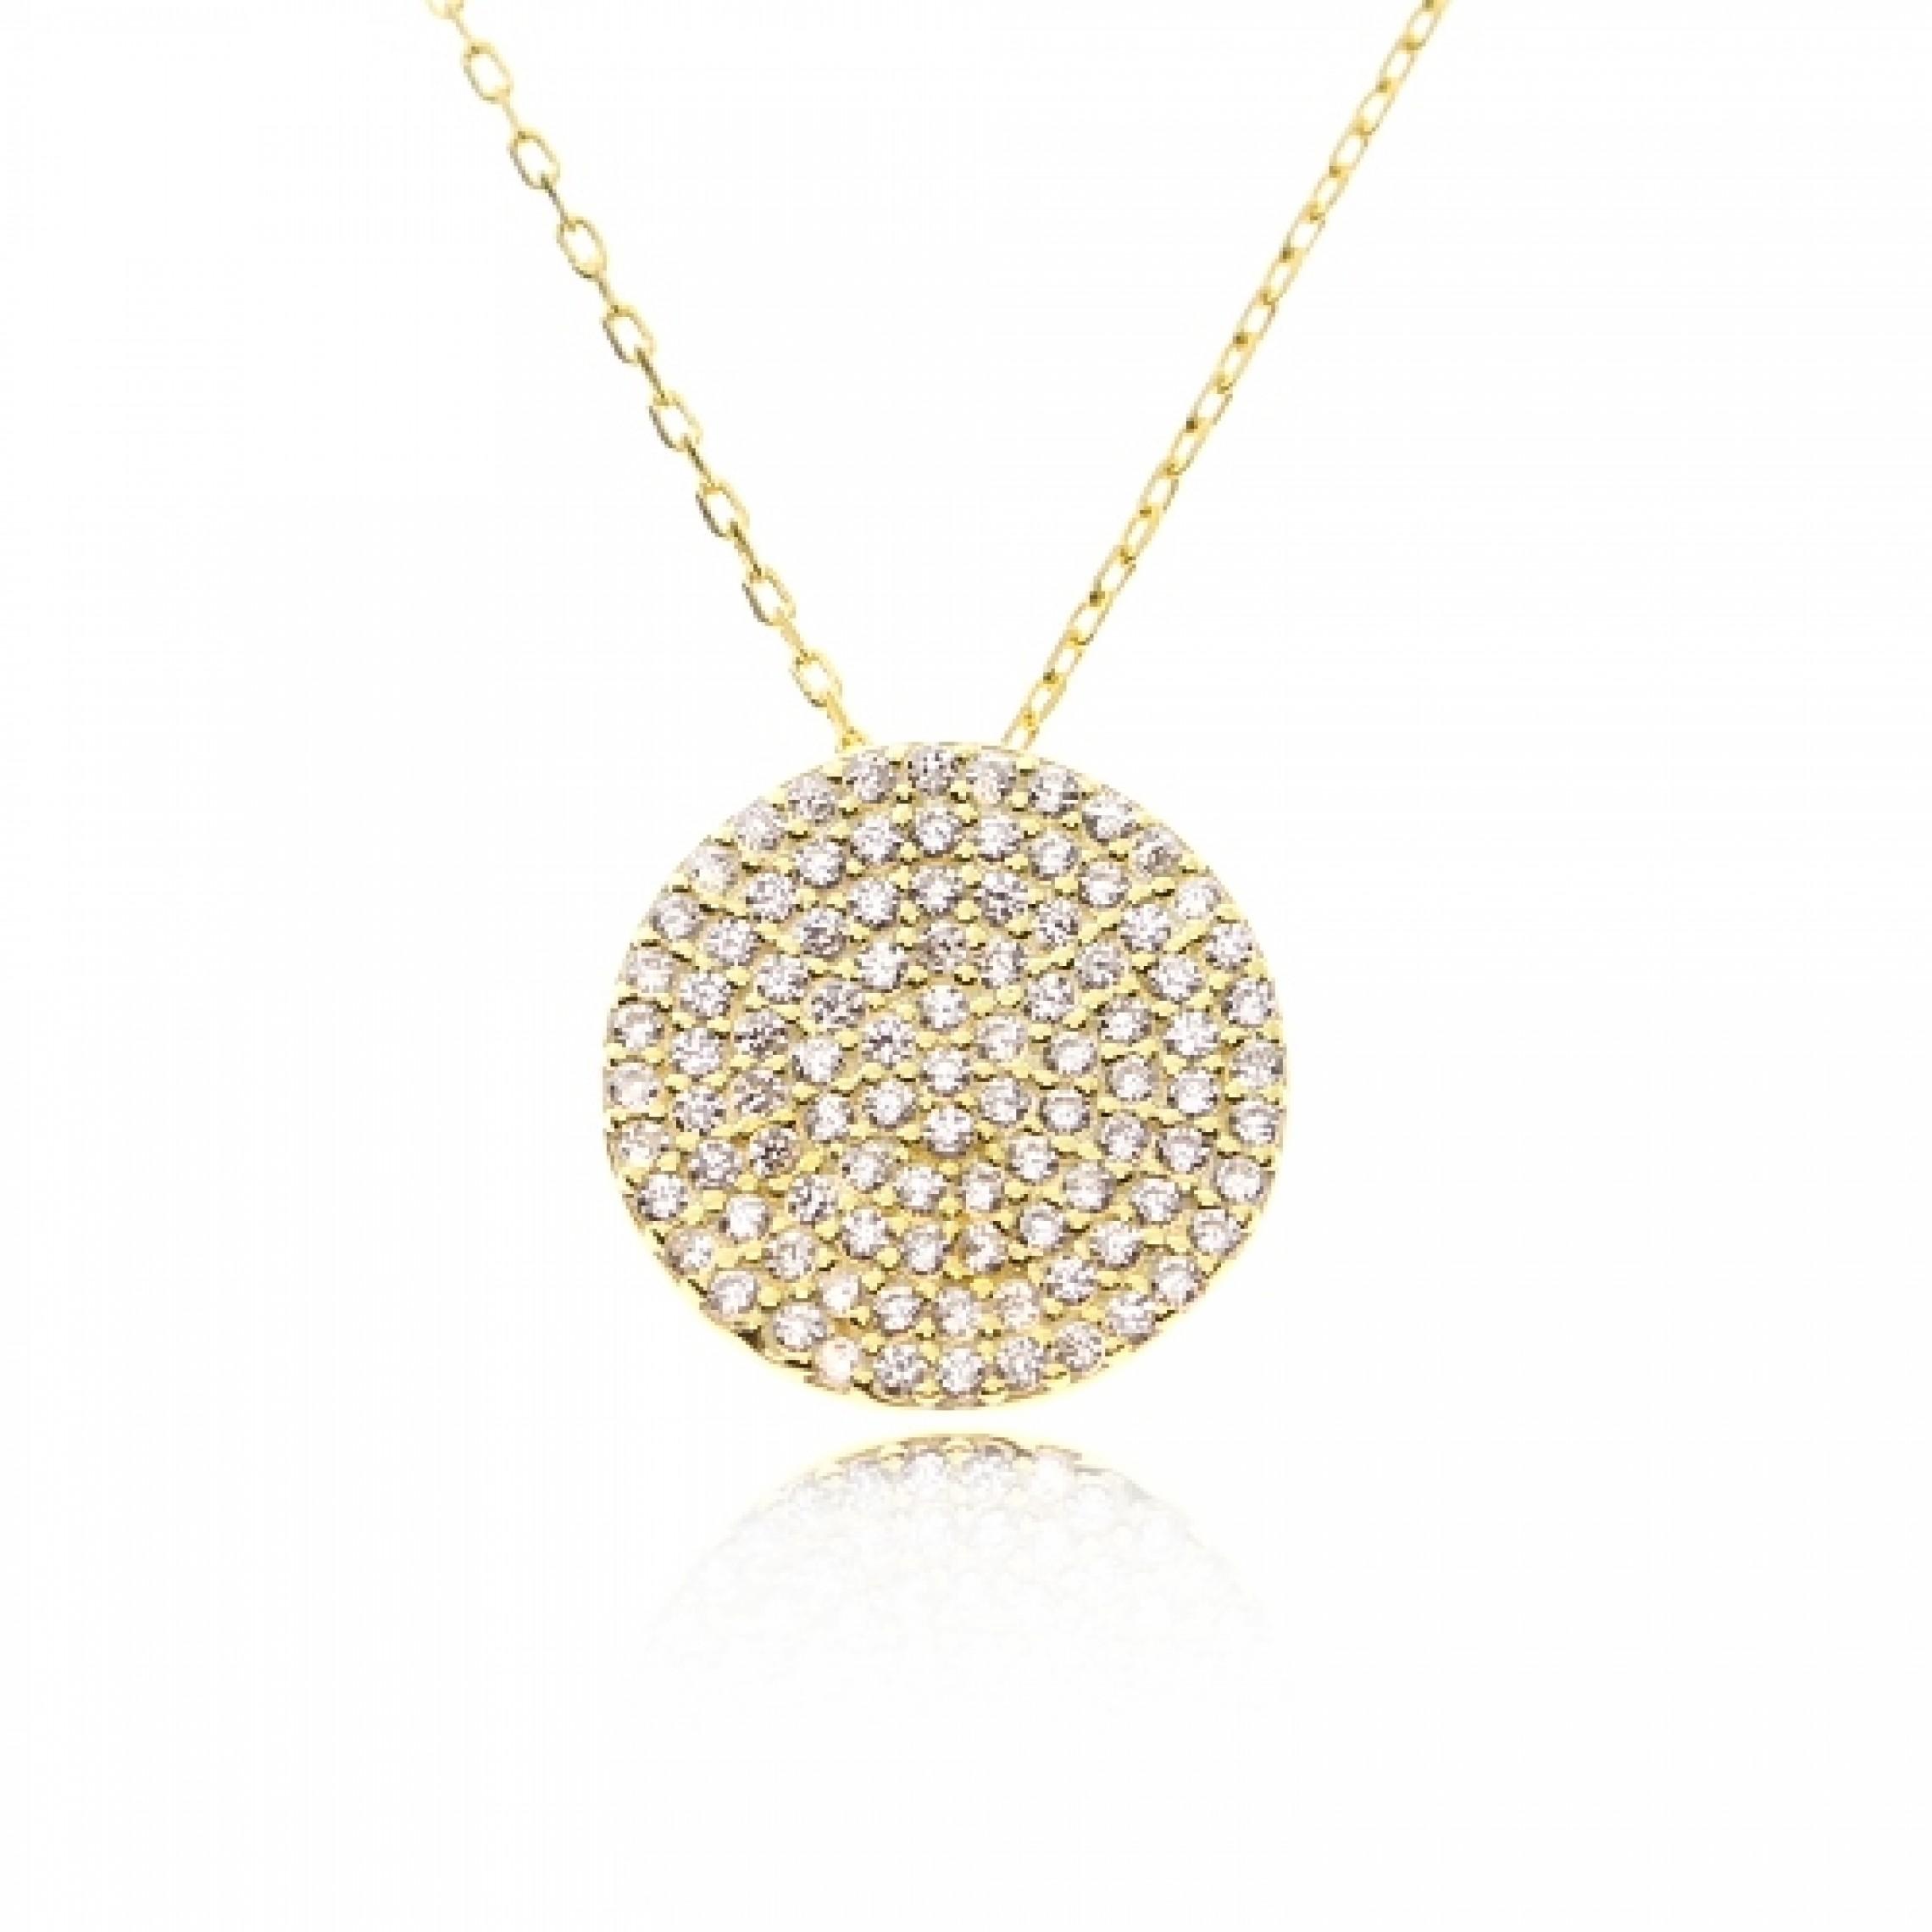 JN-190035 Evil Eye 925 Sterling Silver CZ Necklace